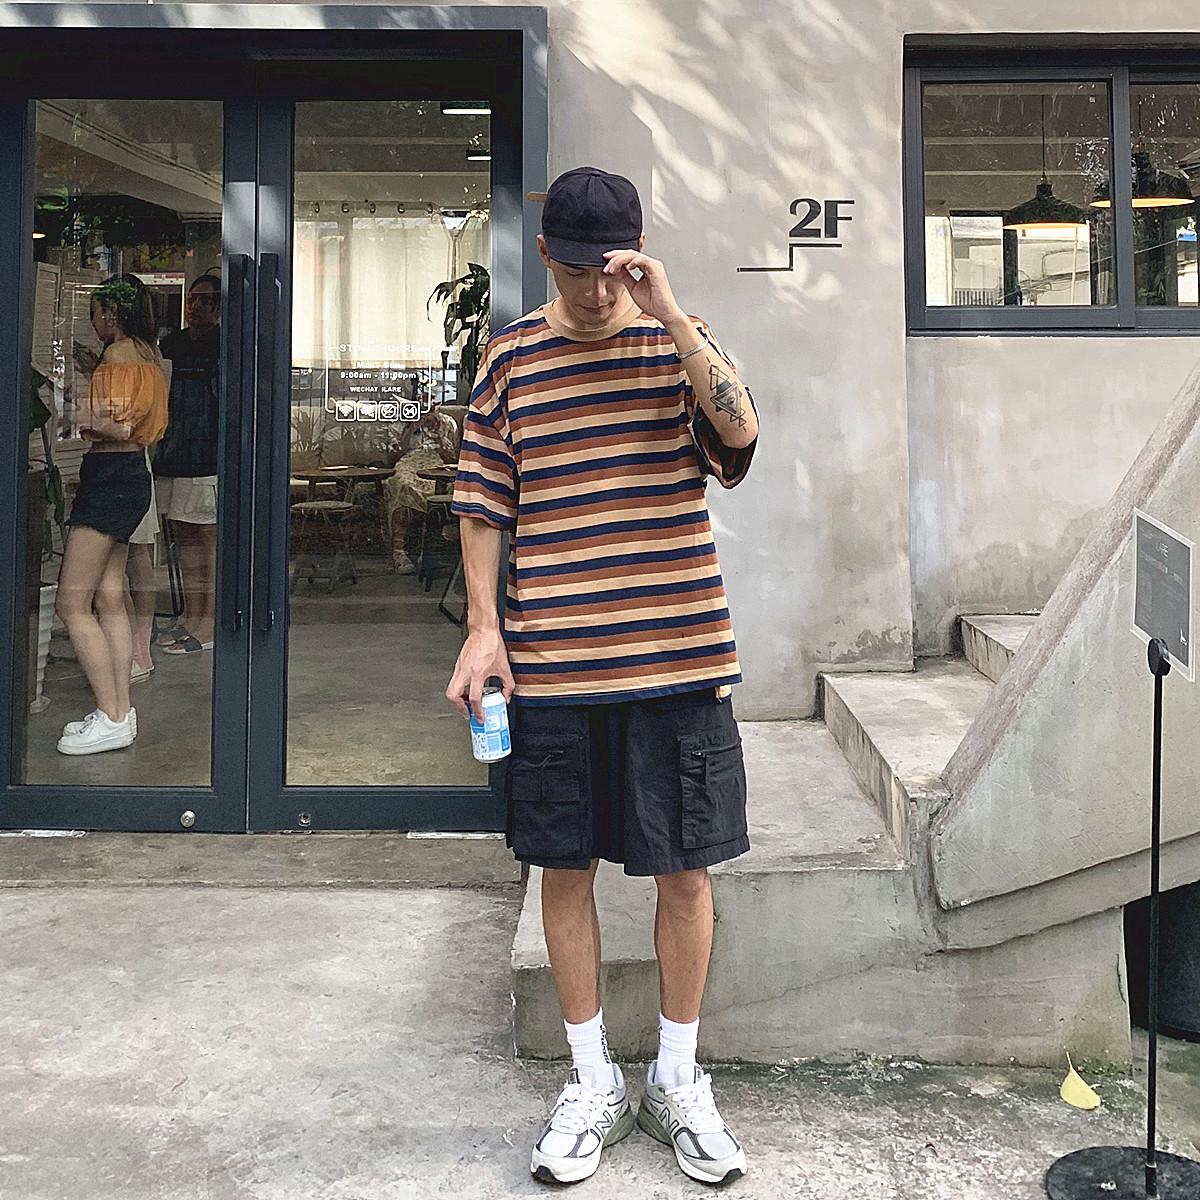 OFFBORD 条纹T恤男宽松港风潮流复古短袖体恤夏季海魂衫百搭半袖热销38件假一赔十